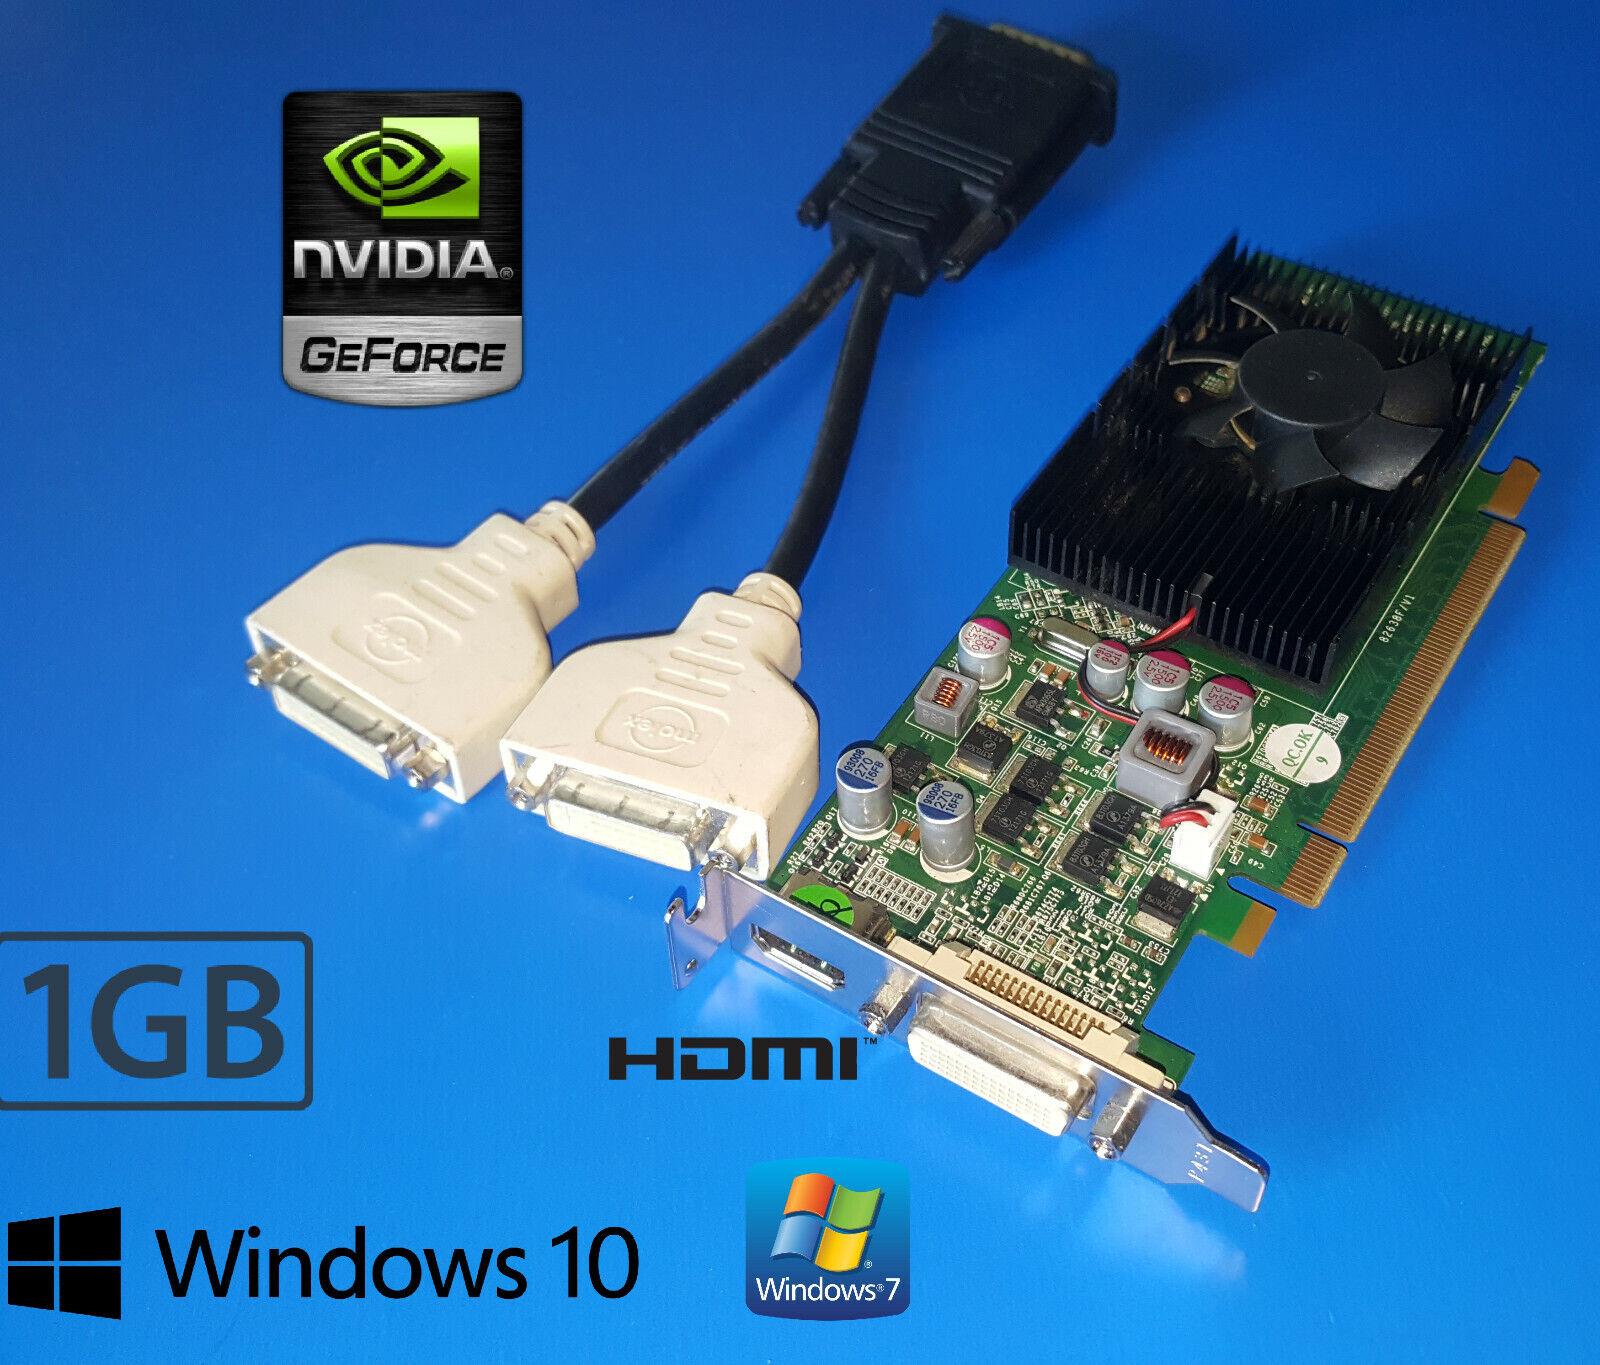 Dell Optiplex 740 745 755 760 780 790 Desktop Low Profile 1GB HDMI Video Card